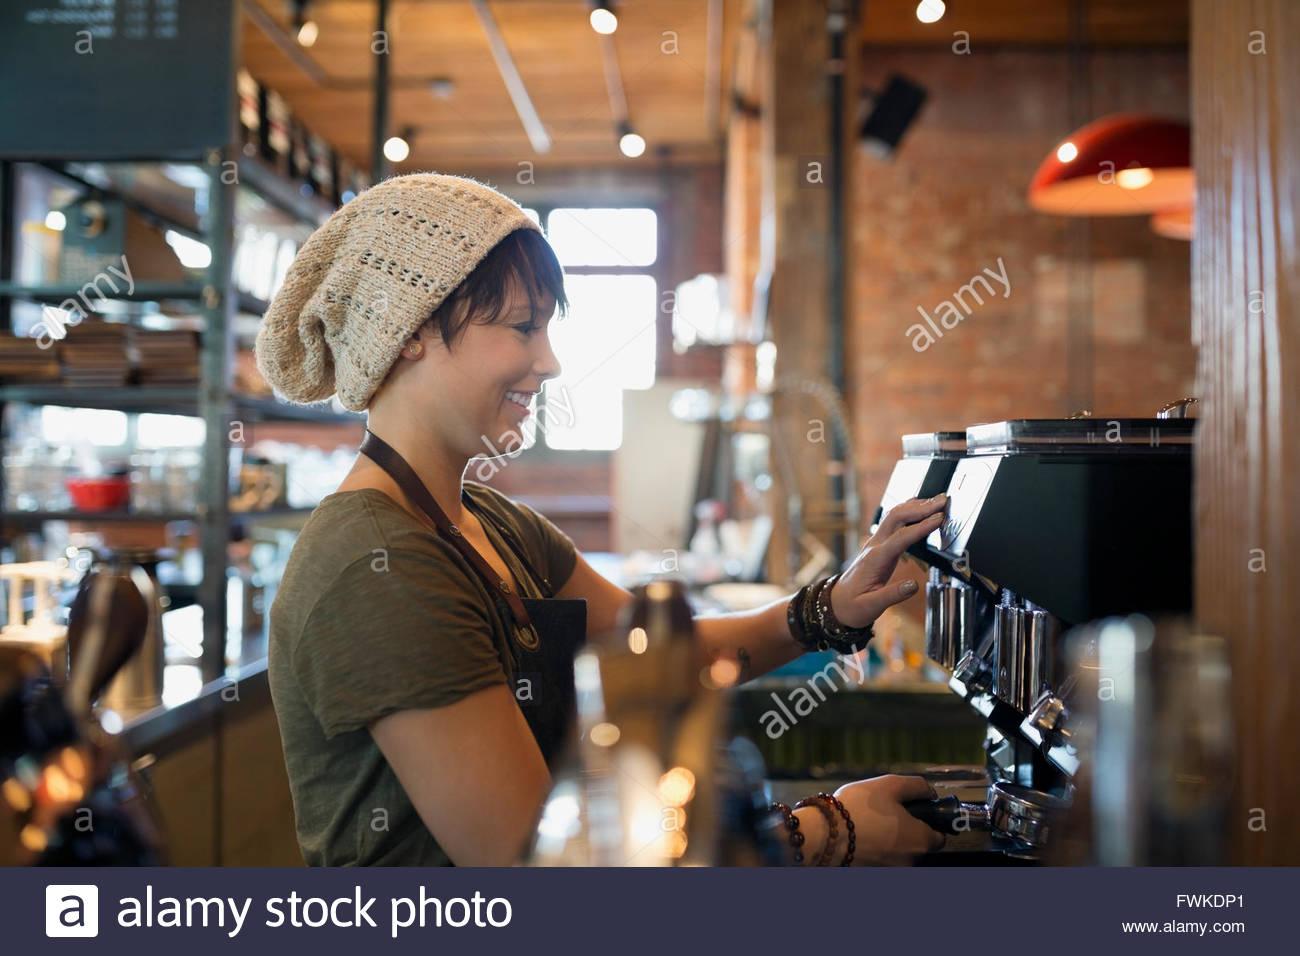 Barista using espresso machine in coffee shop - Stock Image